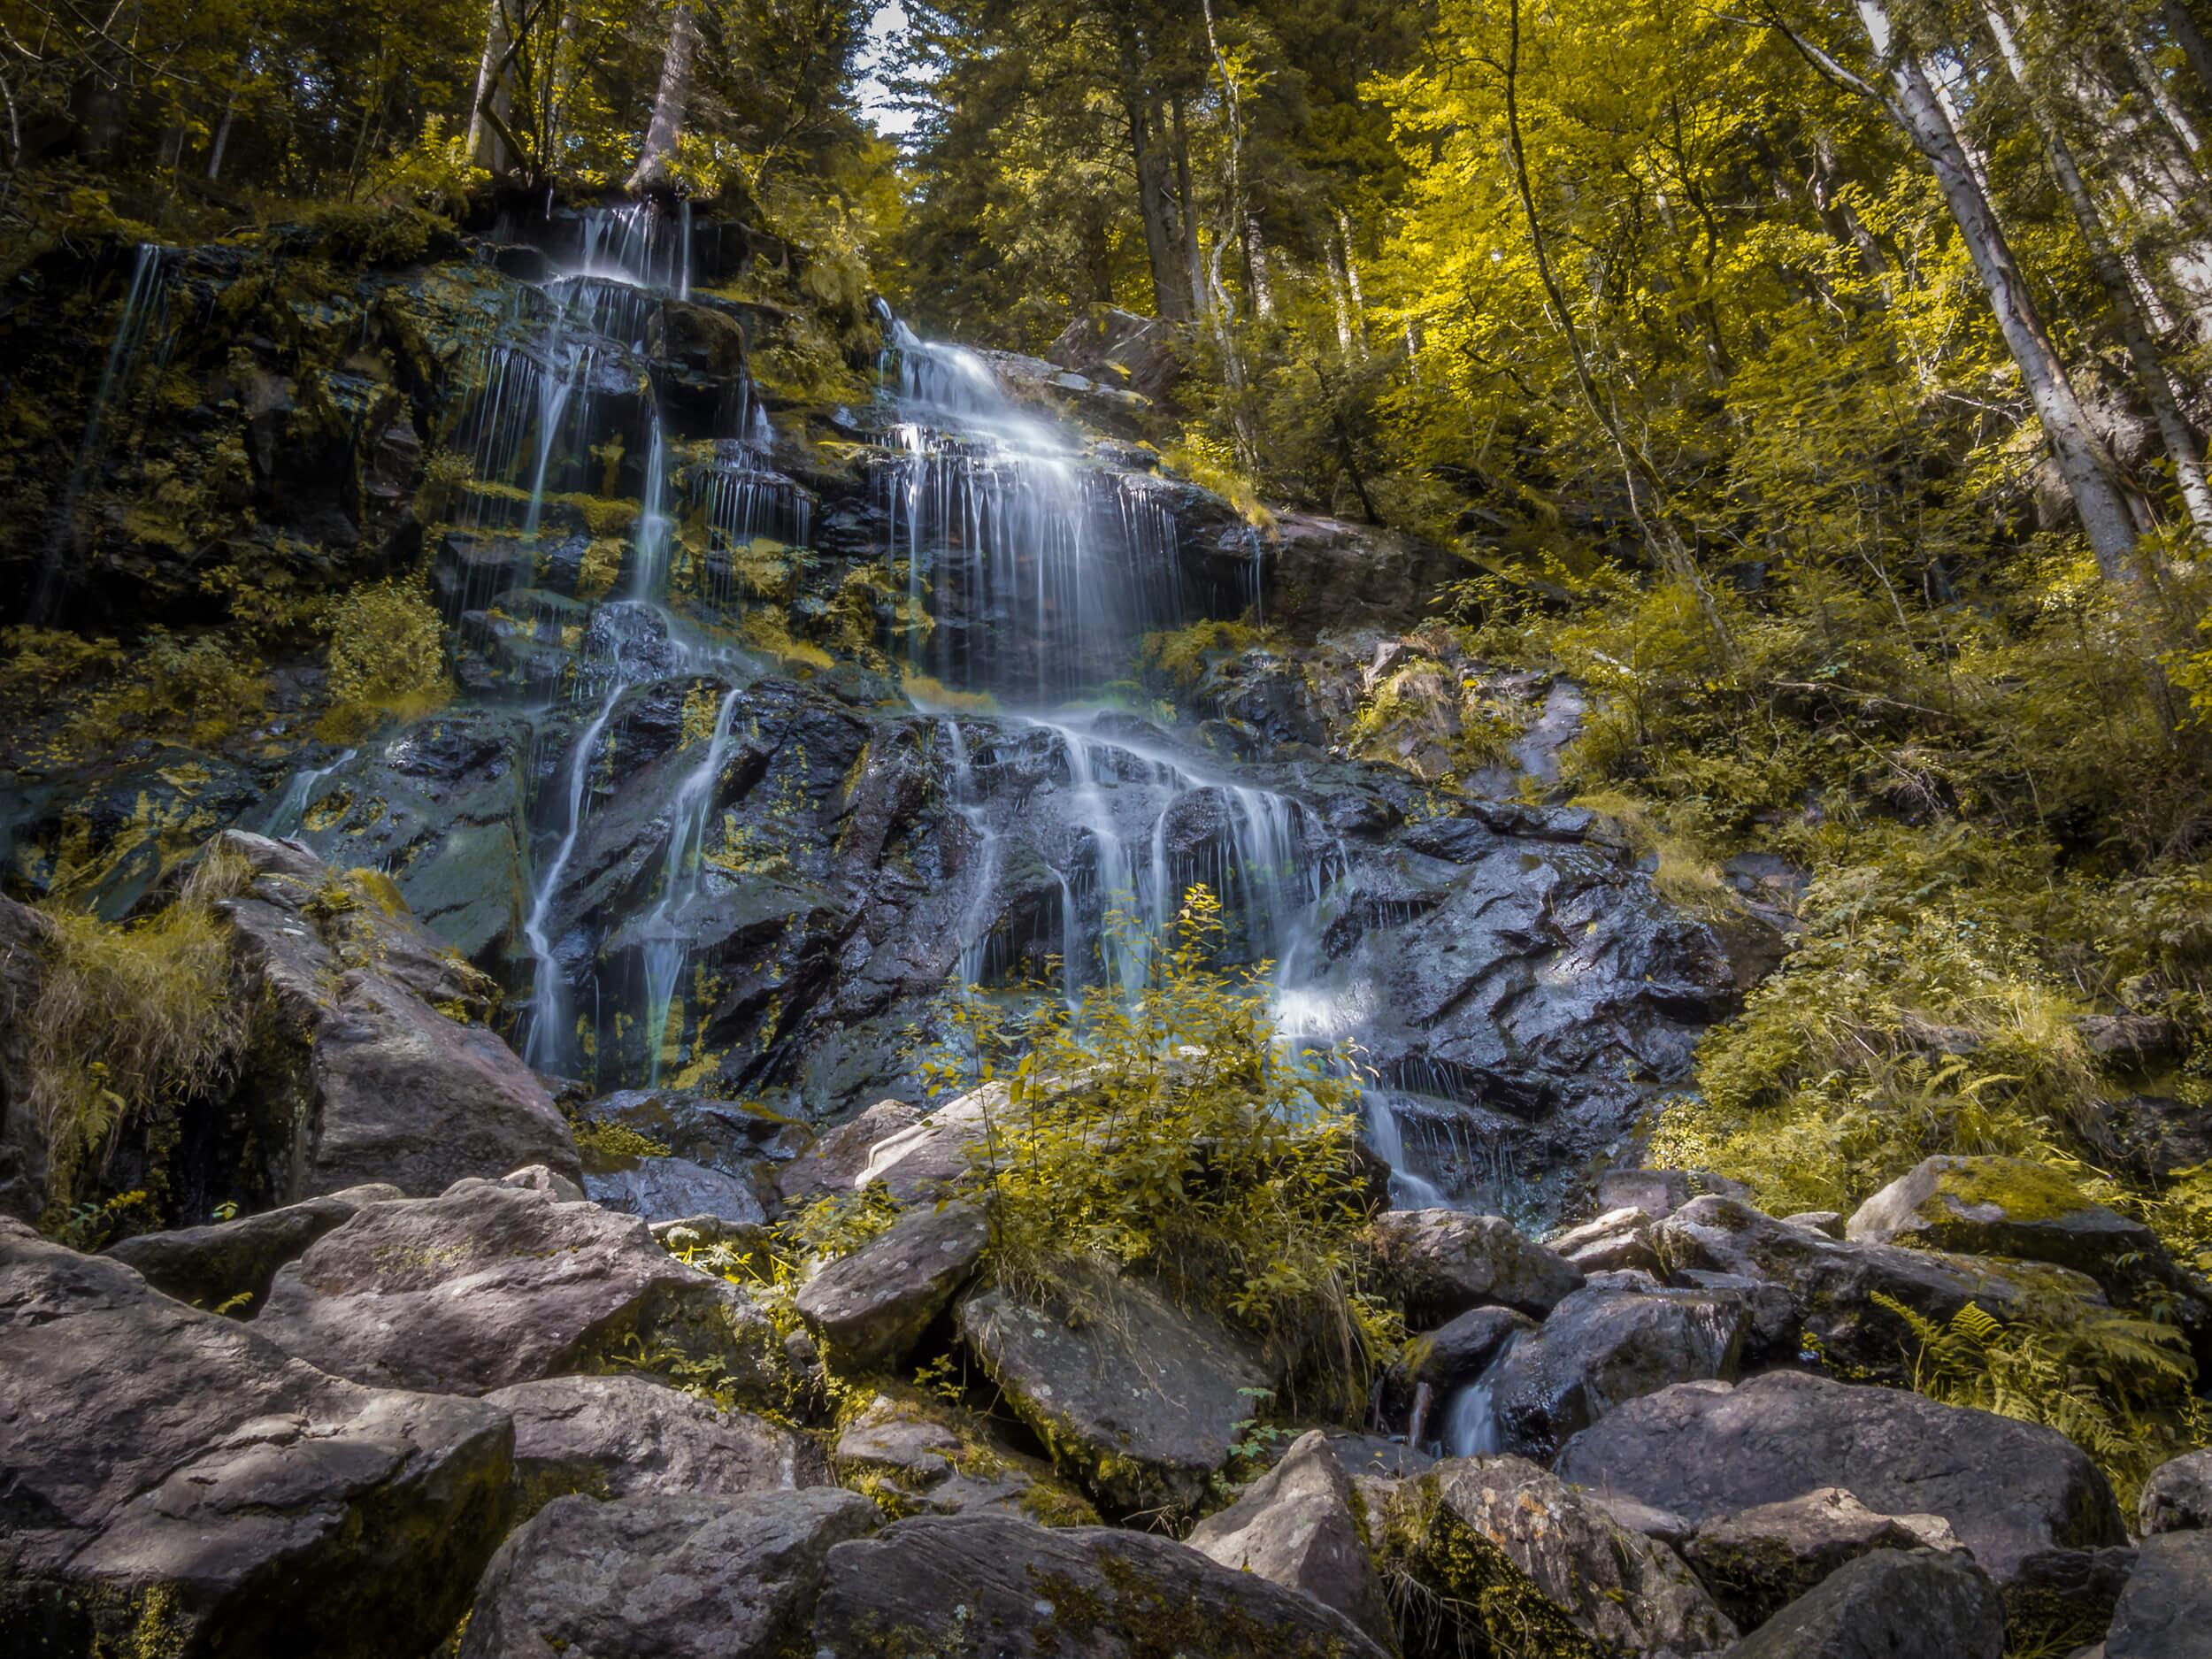 Zweribachwasserfälle Hochschwarzwald © Chris Keller / STG